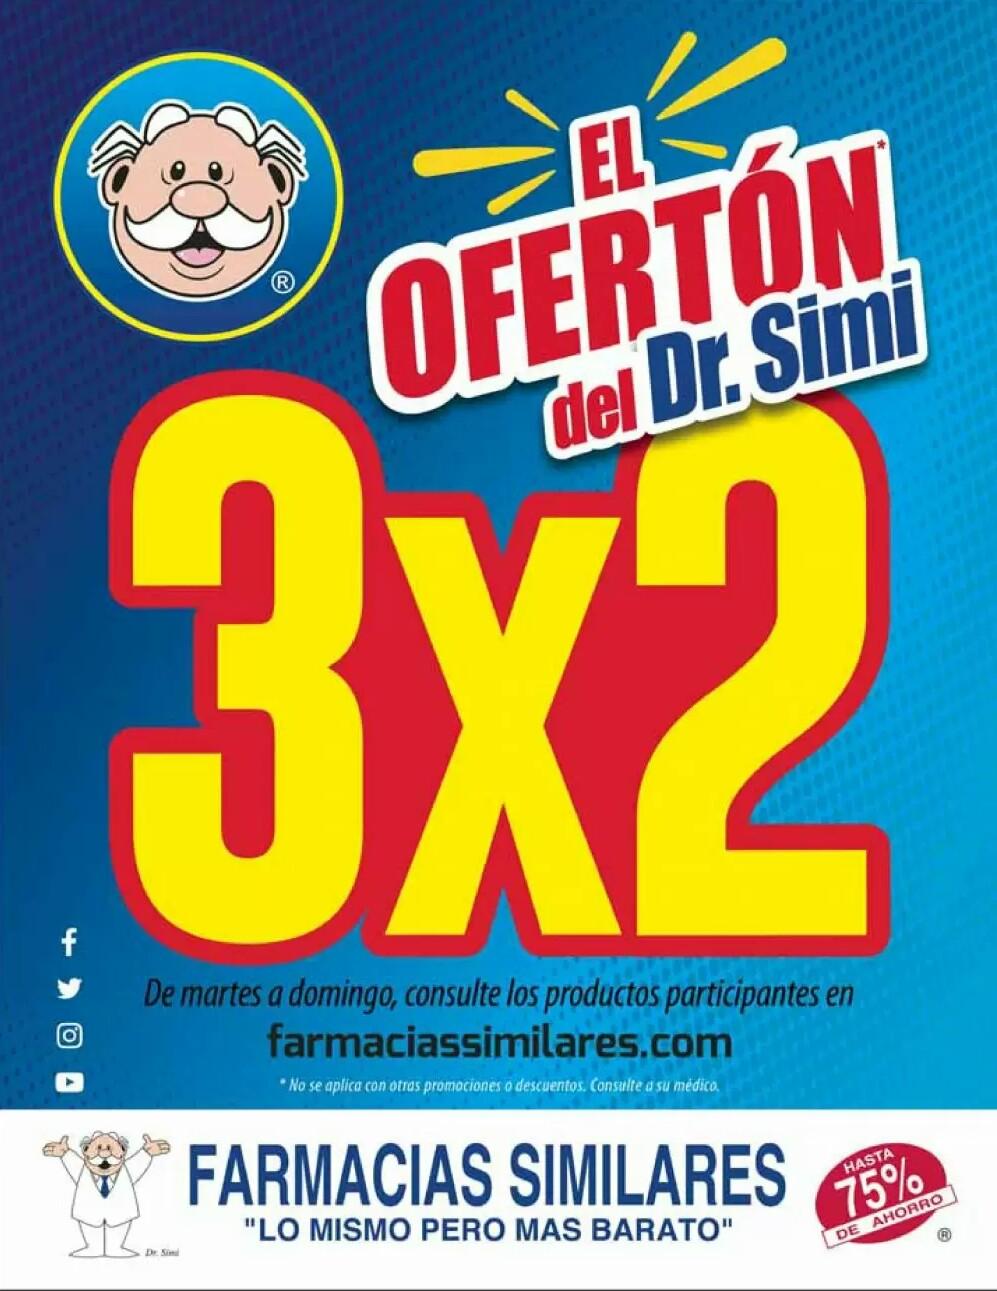 Farmacias Similares: Folleto El Ofertón del Sr. Simi: 3 x 2 en productos participantes de Martes a Domingo